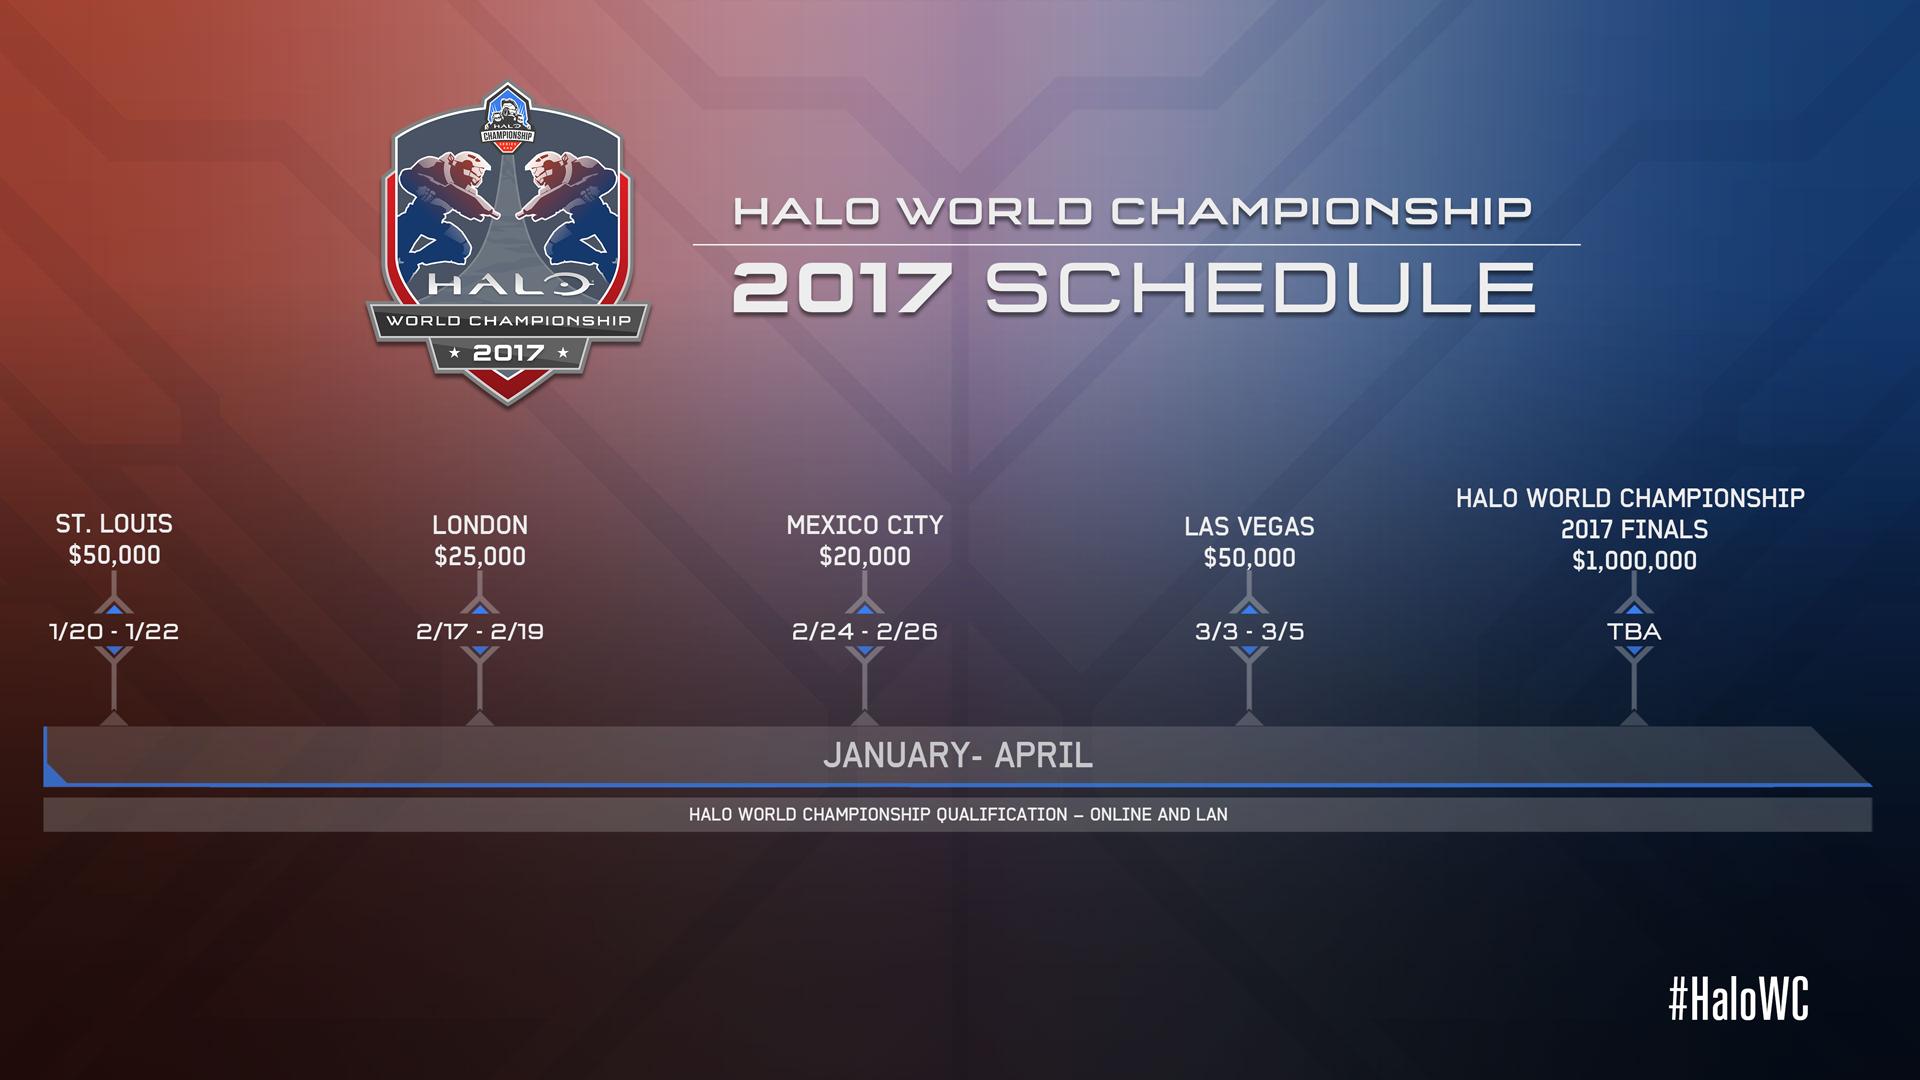 hwc-2017-schedule-1920x1080-35de8550371b